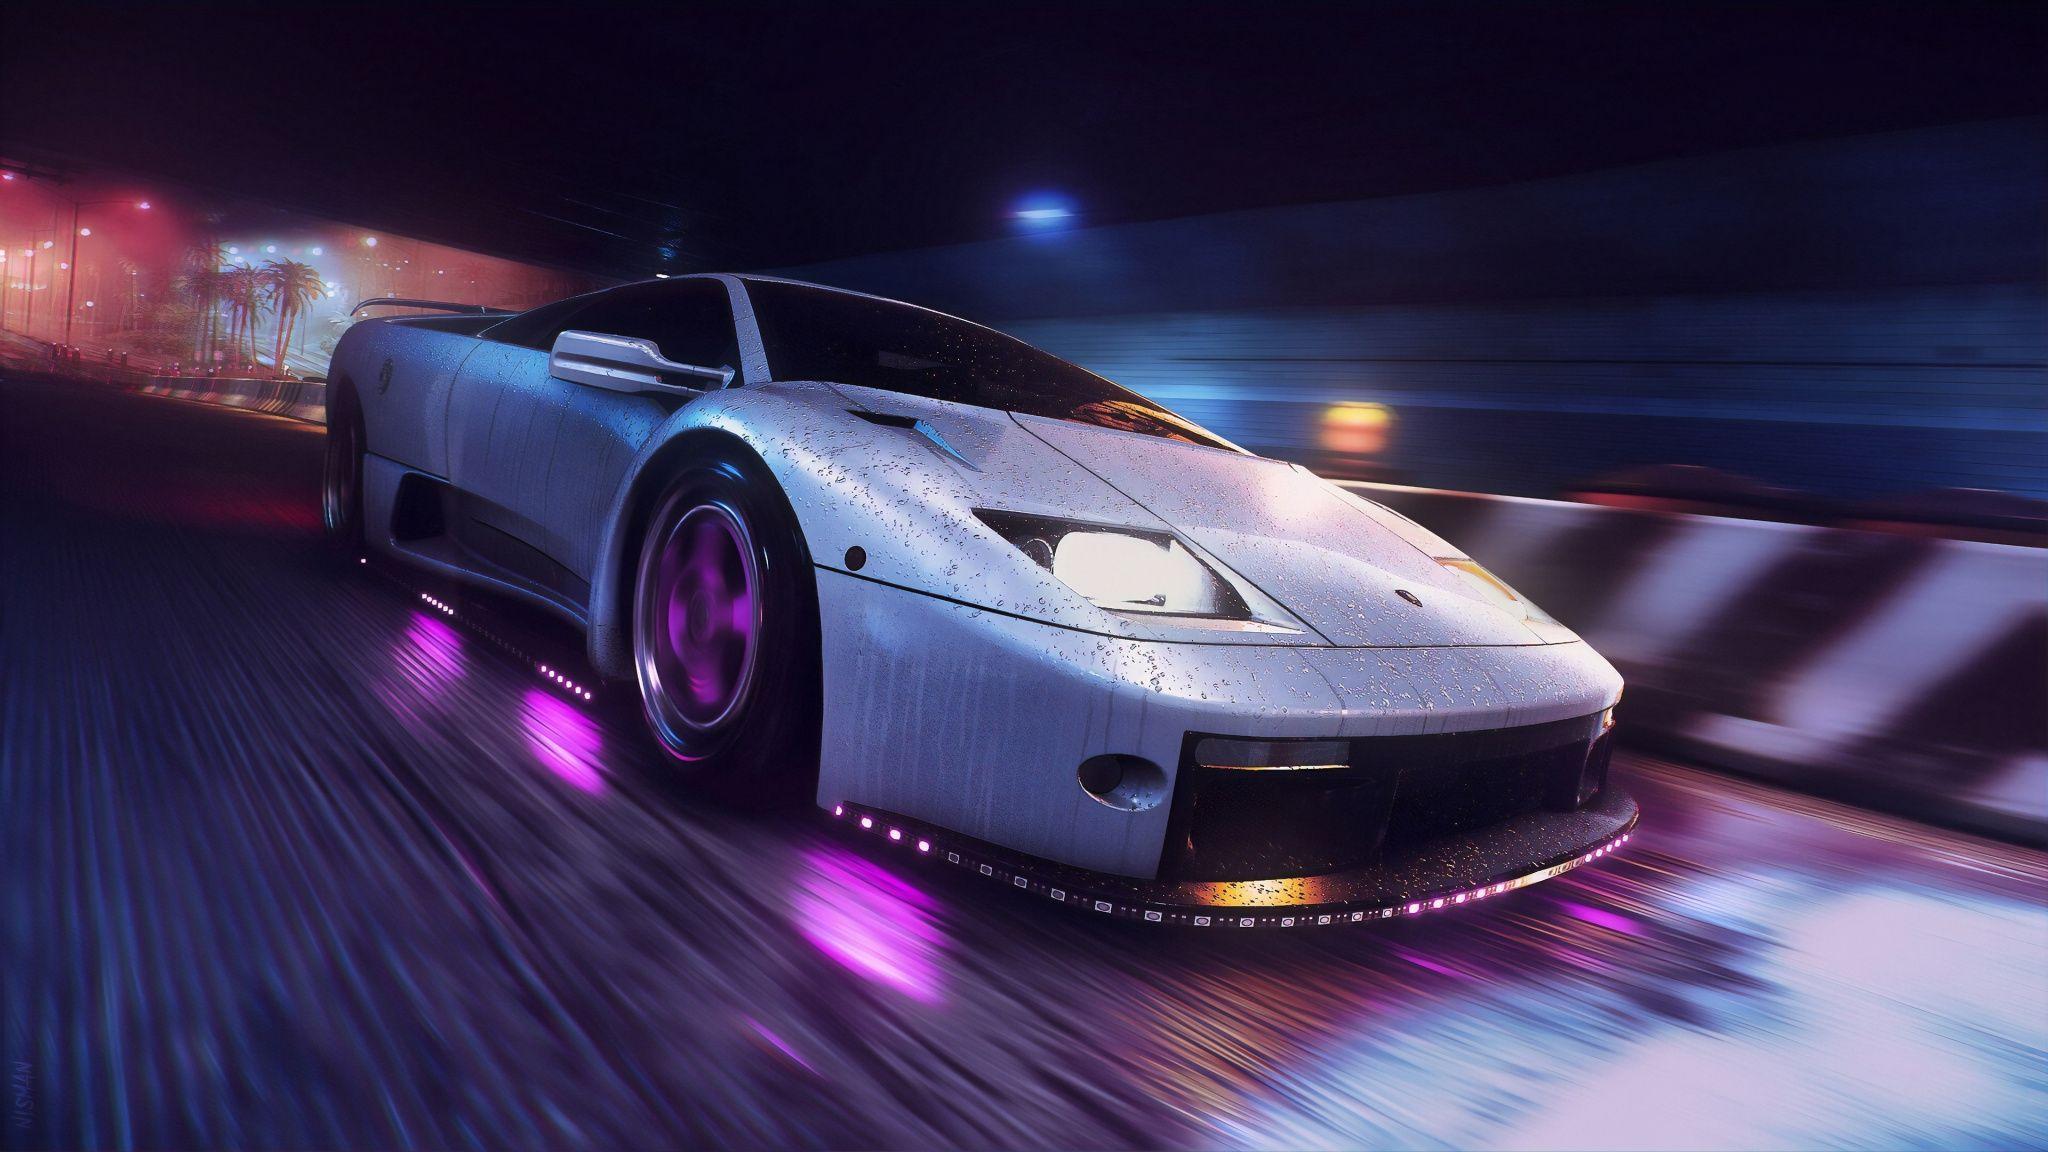 Free 4k Gaming Wallpaper Widescreen As Wallpaper Hd Car Wallpapers Car Hd Car